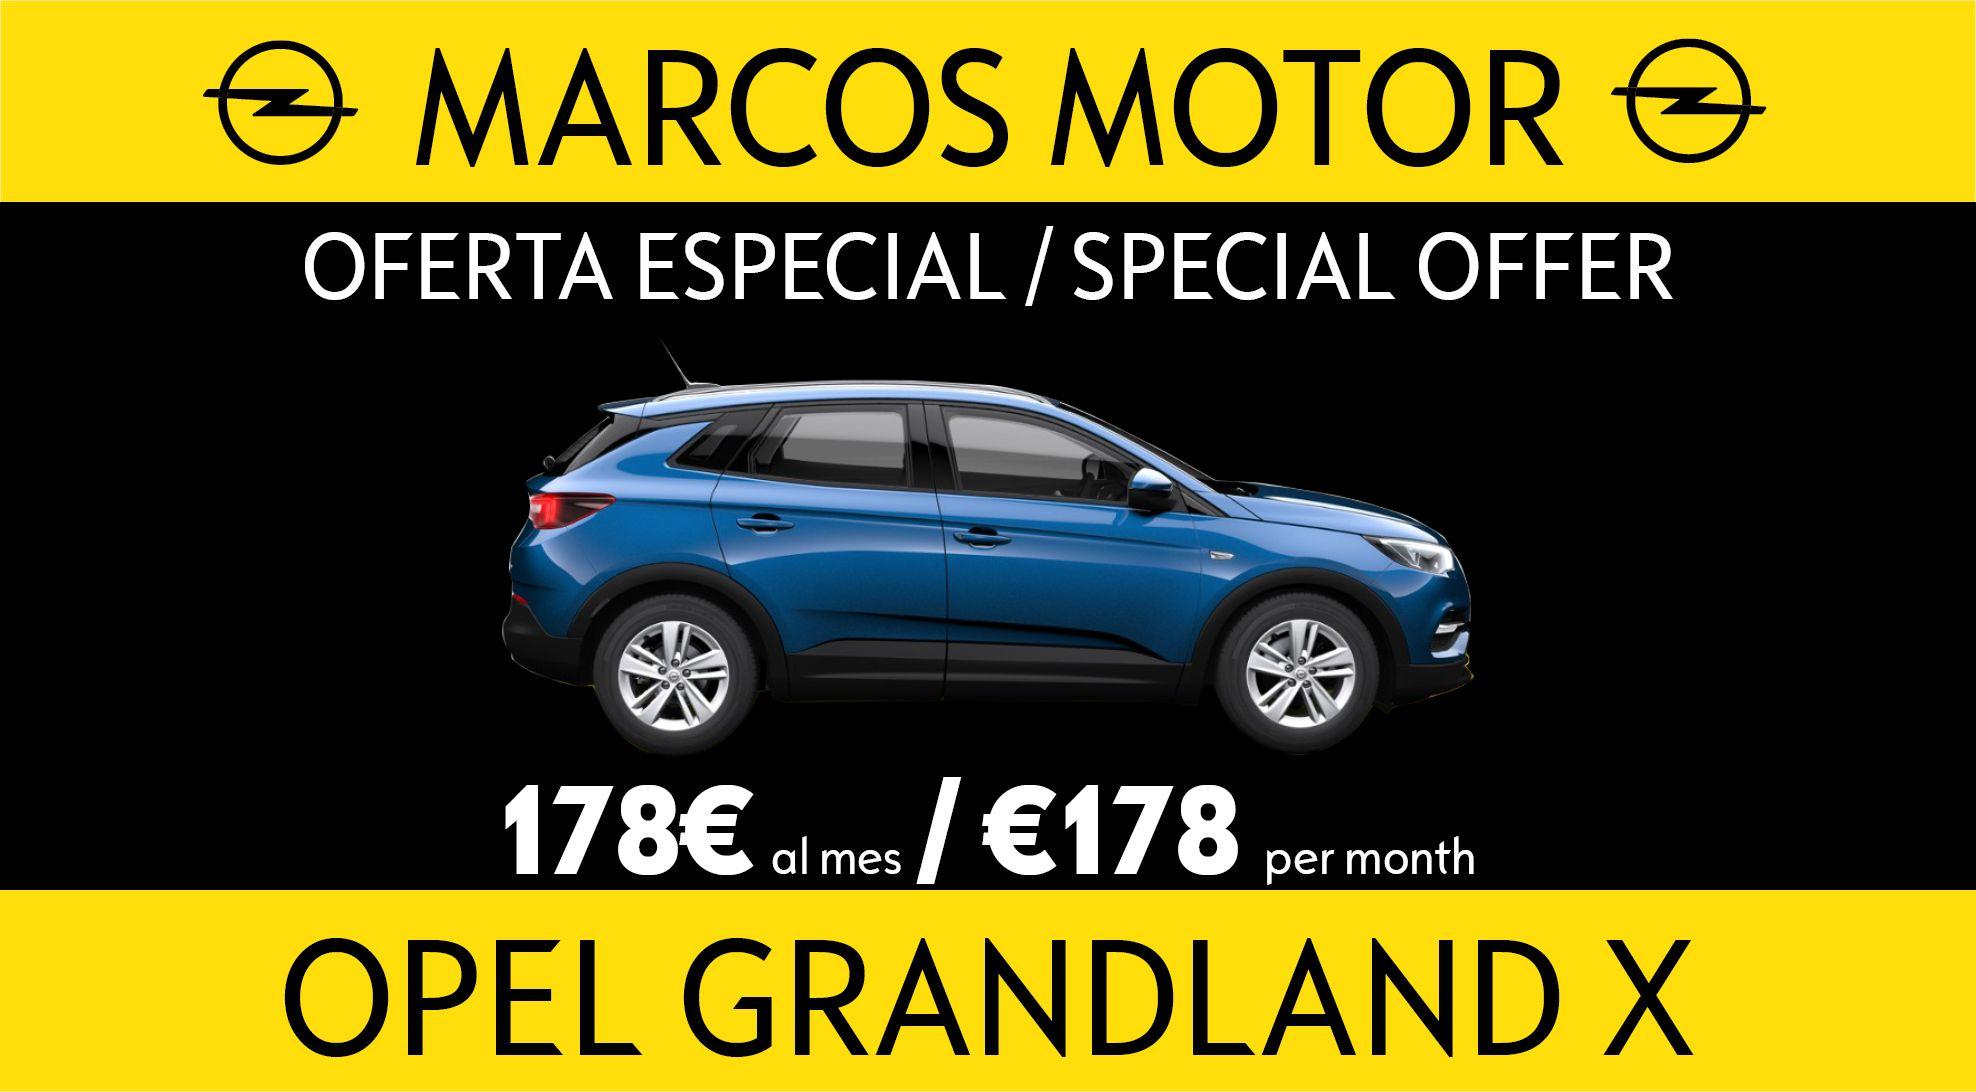 Oferta Opel Grandland X 178€ al mes